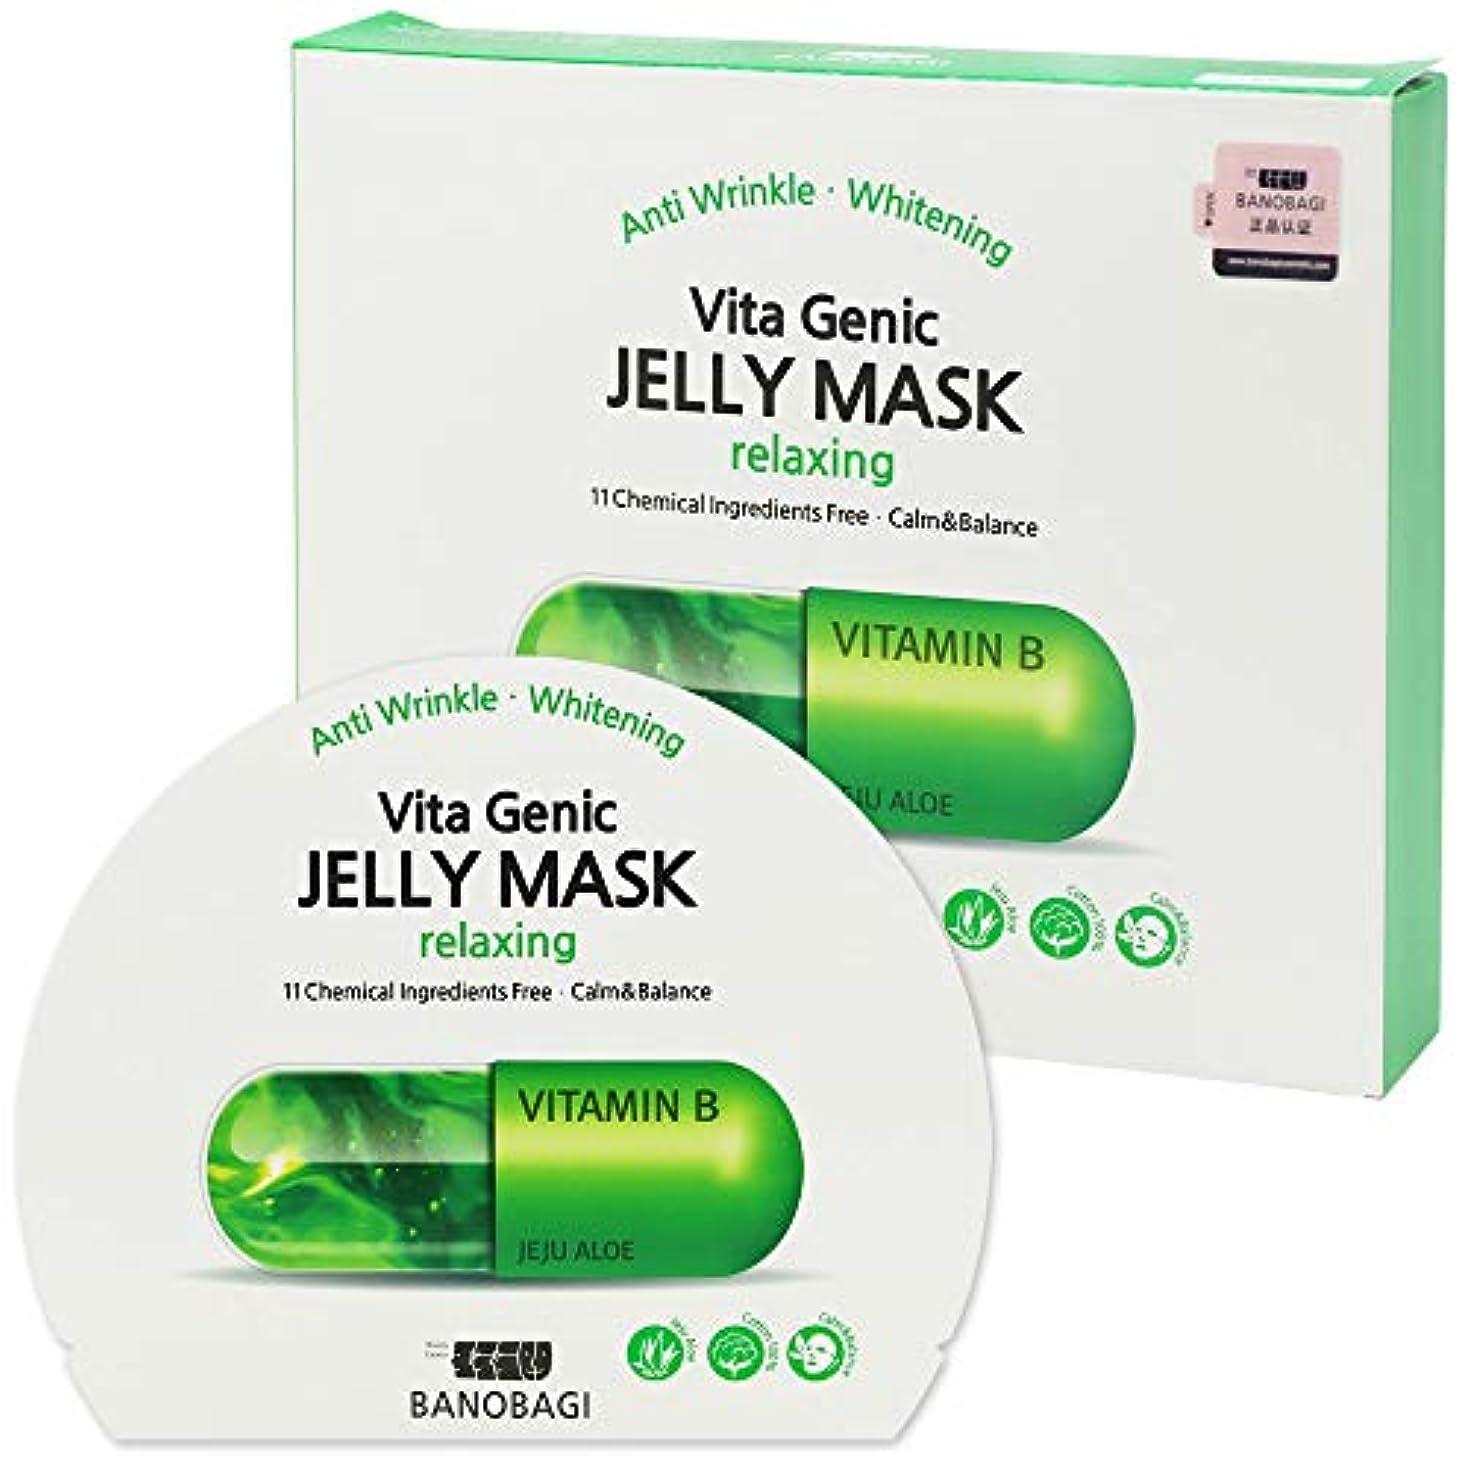 哀れな異常な接続バナバギ[BANOBAGI] ヴィータジェニックゼリーマスク★リラックス(緑)30mlx10P / Vita Genic Jelly Mask (Relaxing-Green)